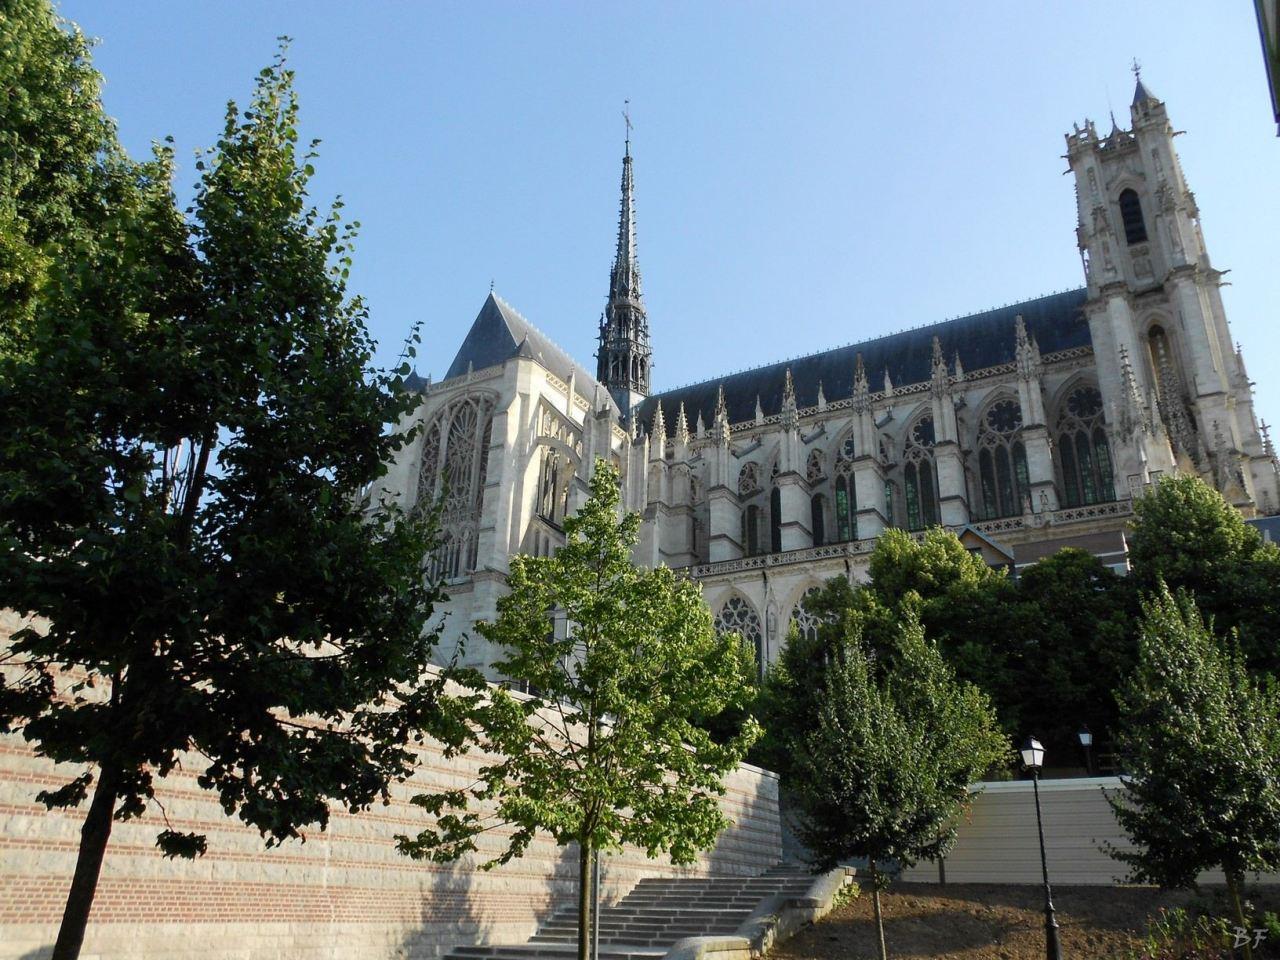 Cattedrale-Gotica-della-Vergine-di-Amiens-Somme-Hauts-de-France-10